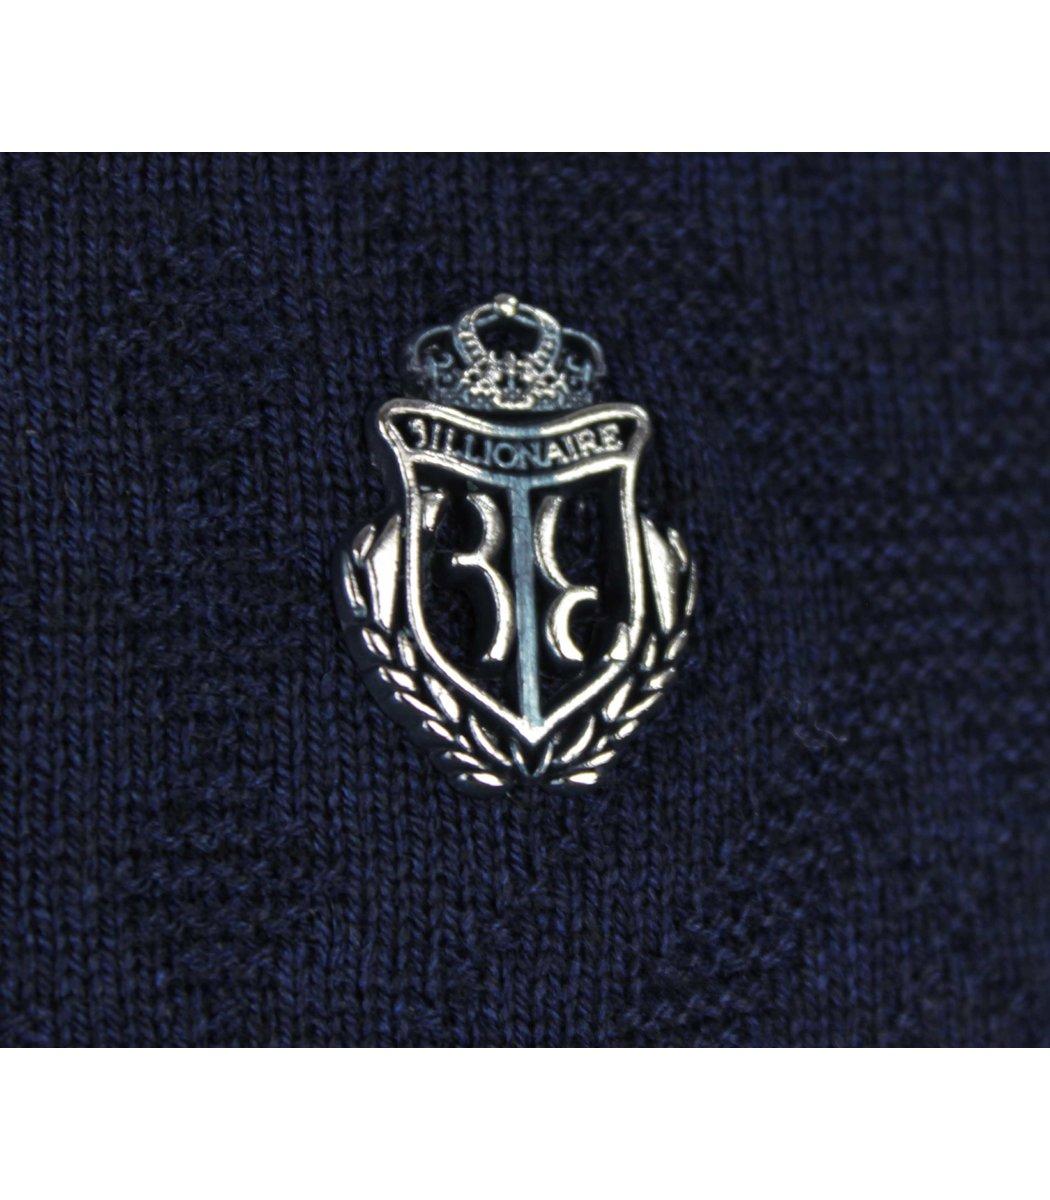 Темно-синее поло с длинным рукавом Billionaire 6735